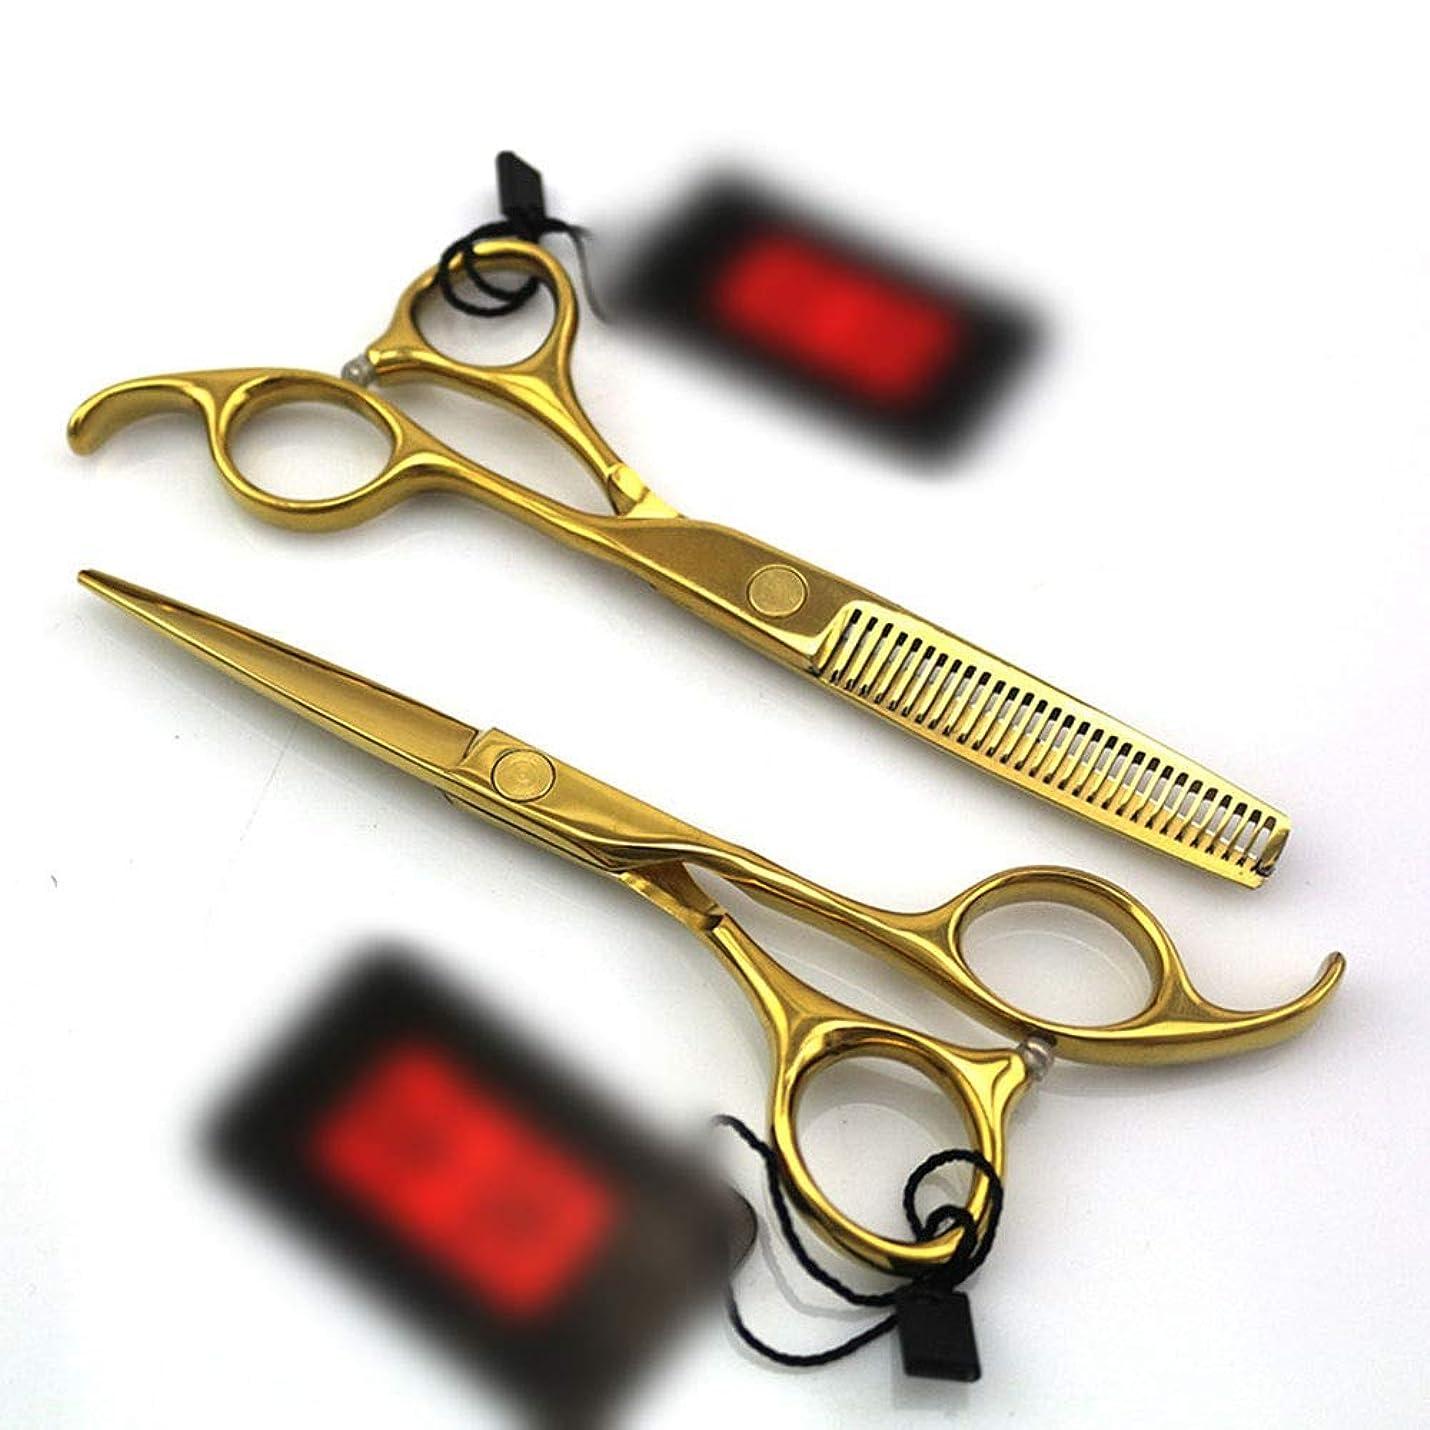 暗殺気楽な閉じるGoodsok-jp 5.5インチのまっすぐなハンドルの理髪店のめっきの金の専門の理髪 (色 : ゴールド)